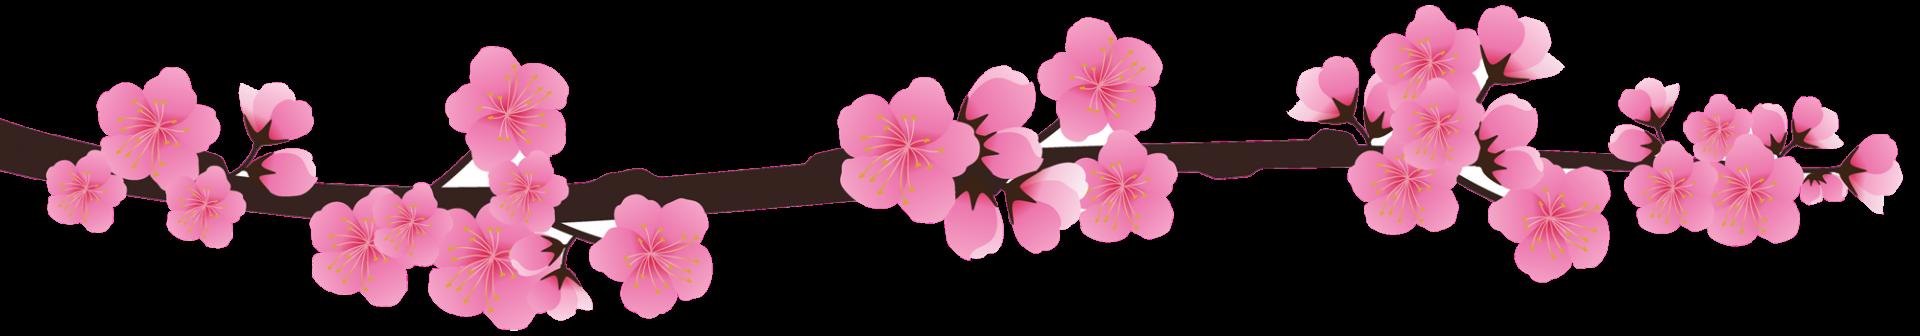 Sakura pour en tete bas png